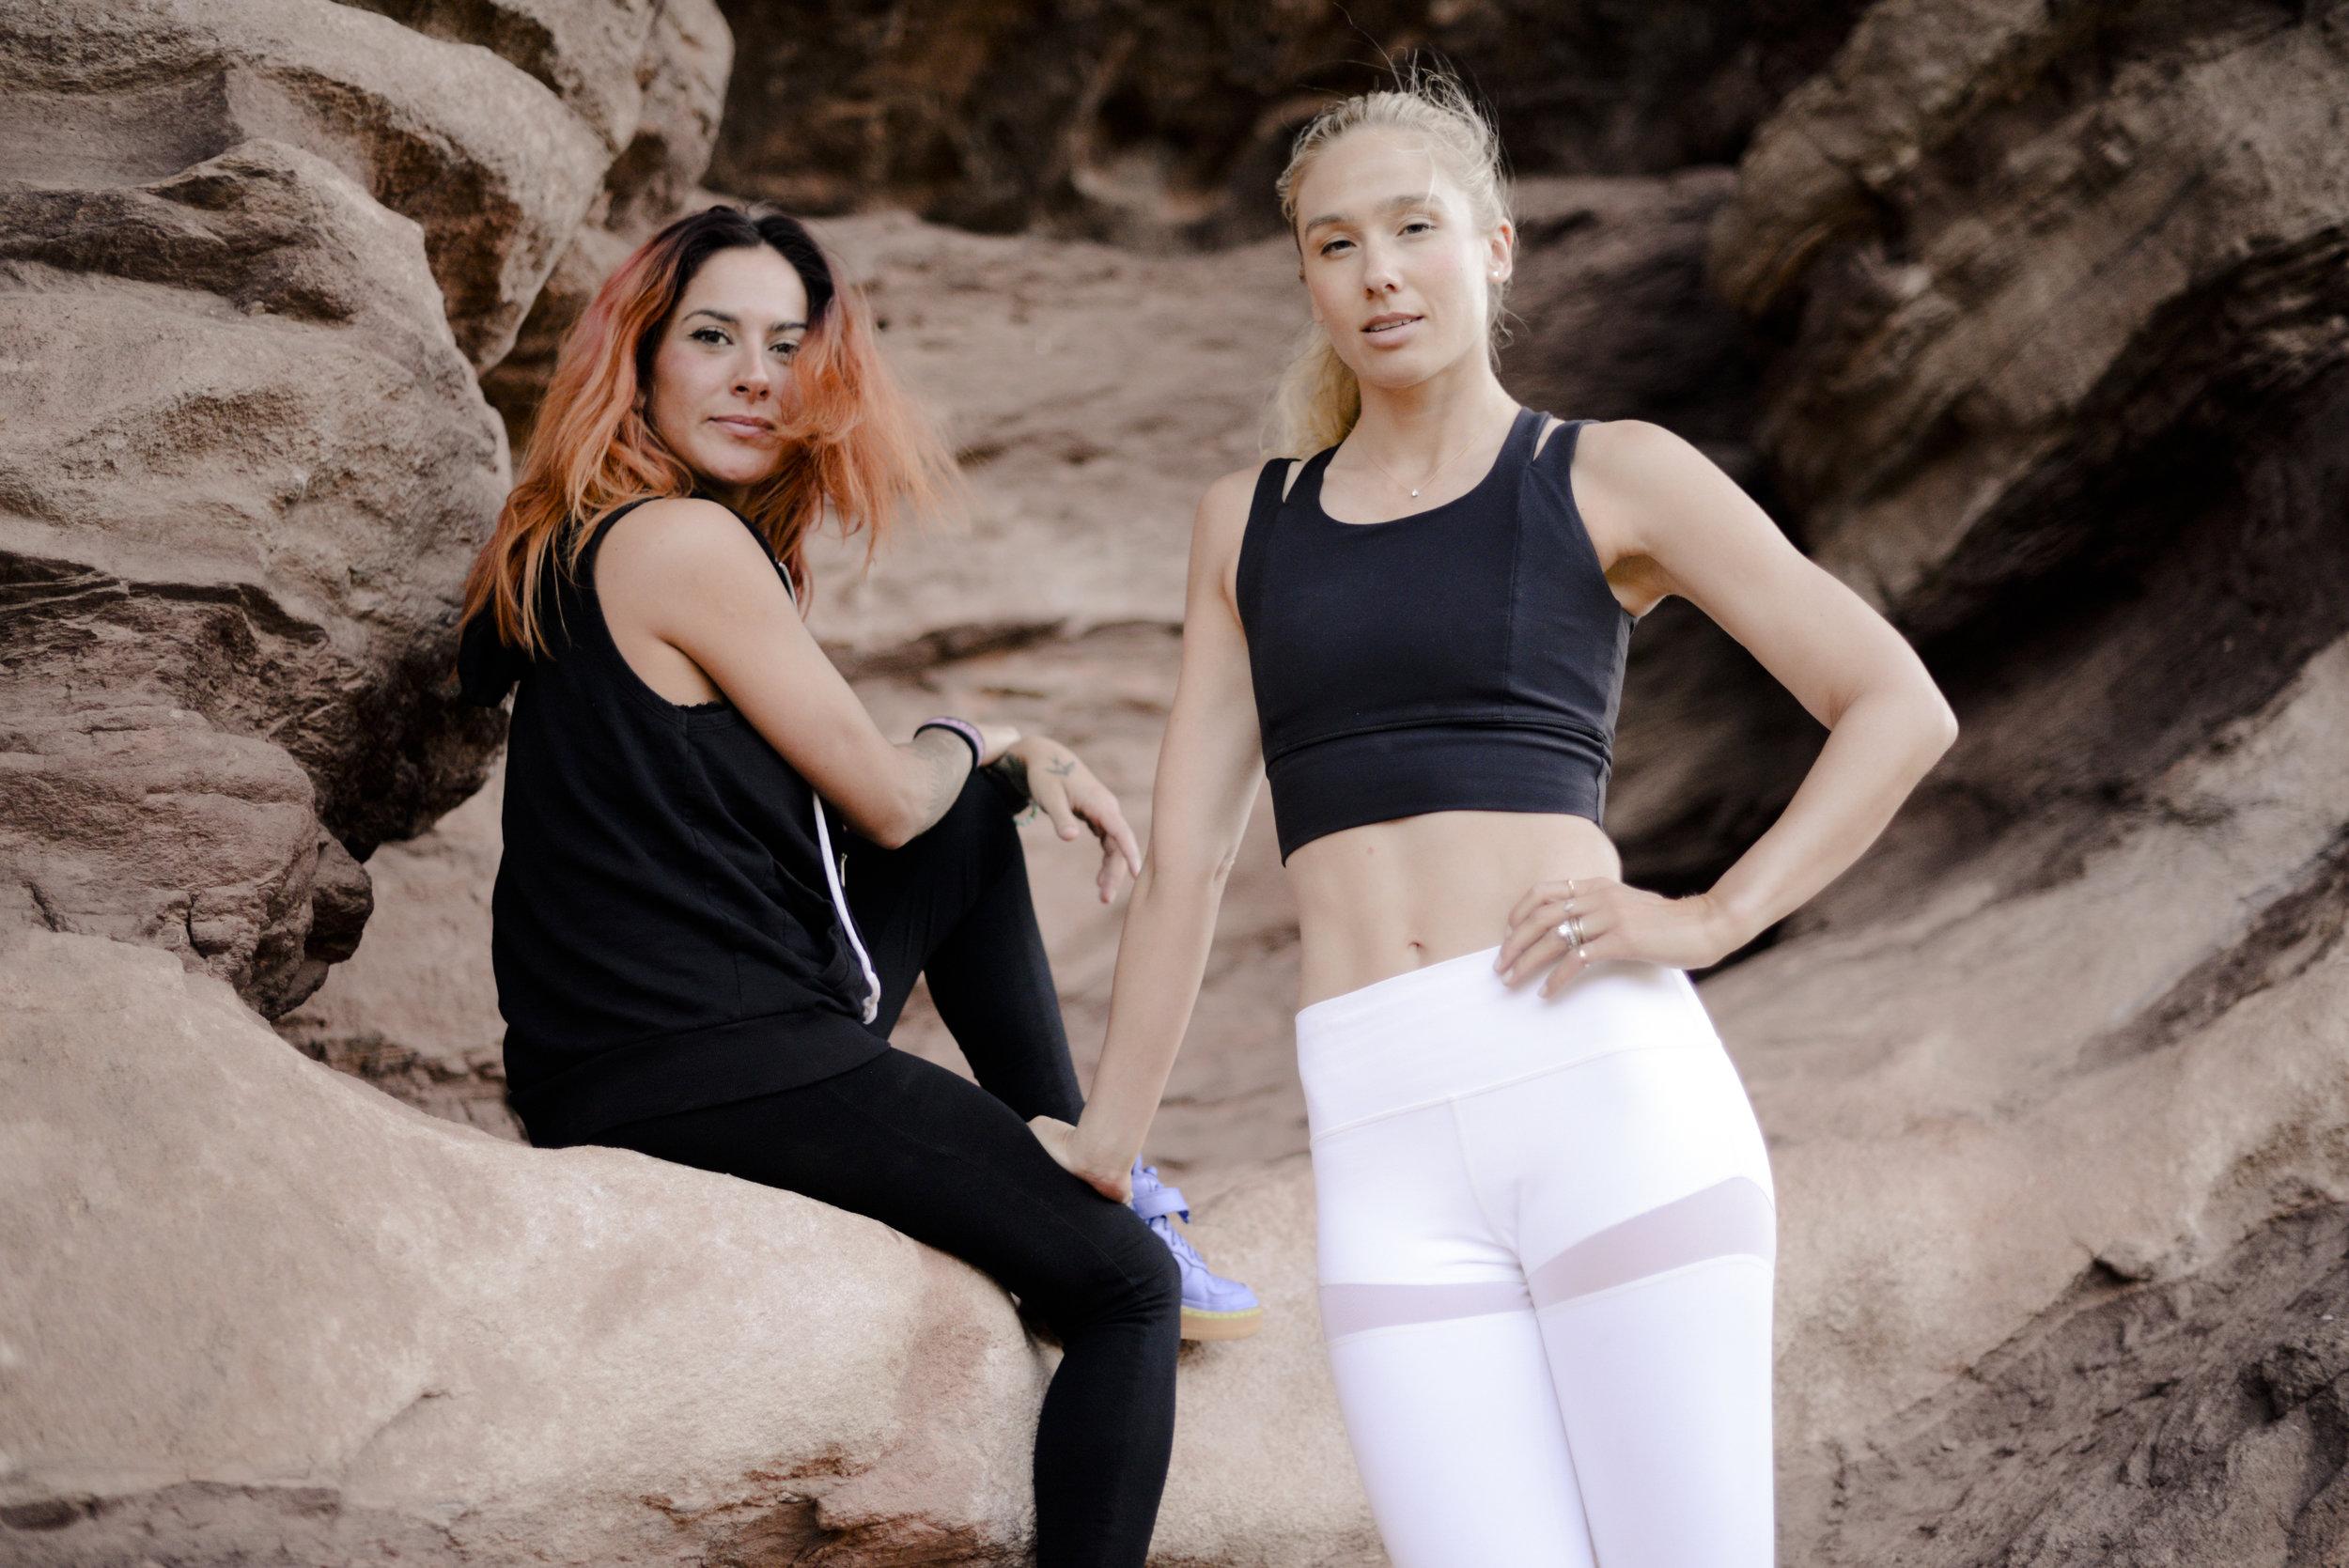 Natalie and DJ Skeena Fitness on the Rocks 2017